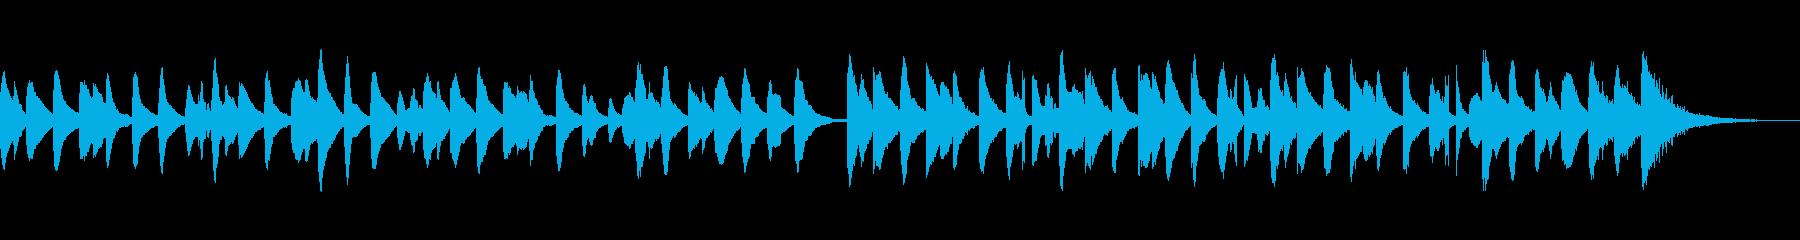 ほのぼのかわいい楽しいキラキラマリンバcの再生済みの波形